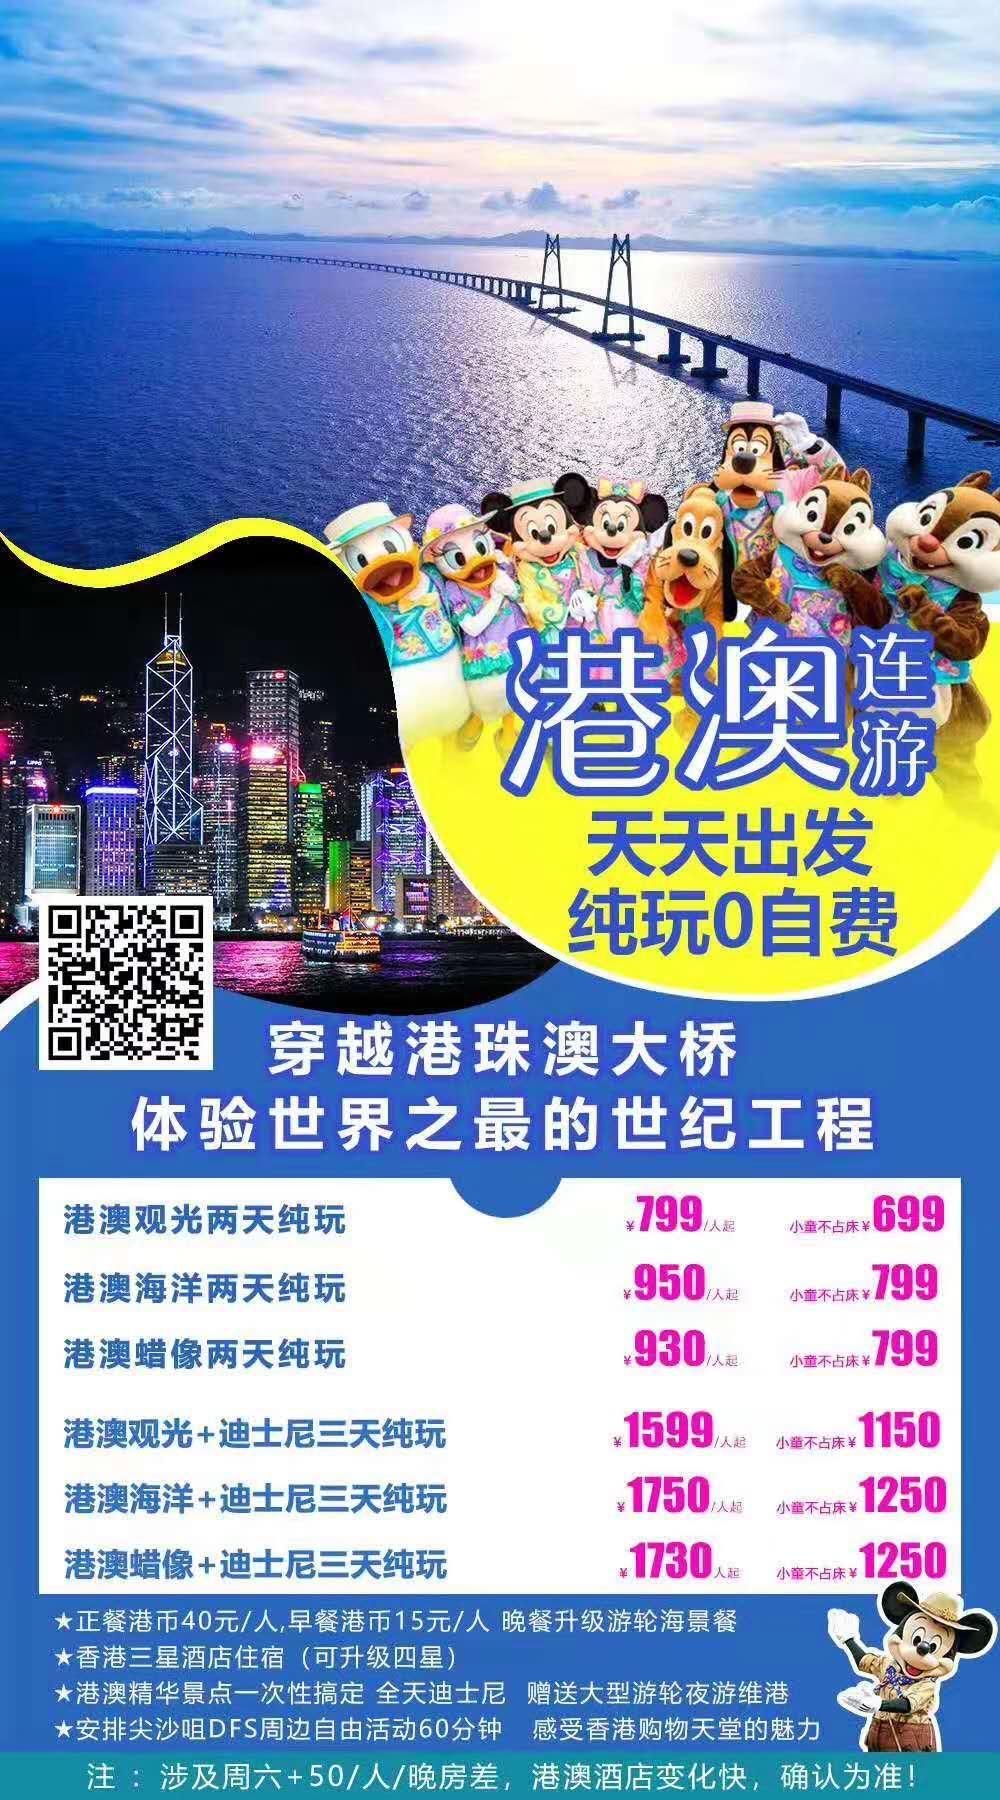 港珠澳大桥【港澳2天3天联游】香港澳门纯玩团、天天出发、海洋馆、蜡像馆、迪士尼、嗨玩自由组合